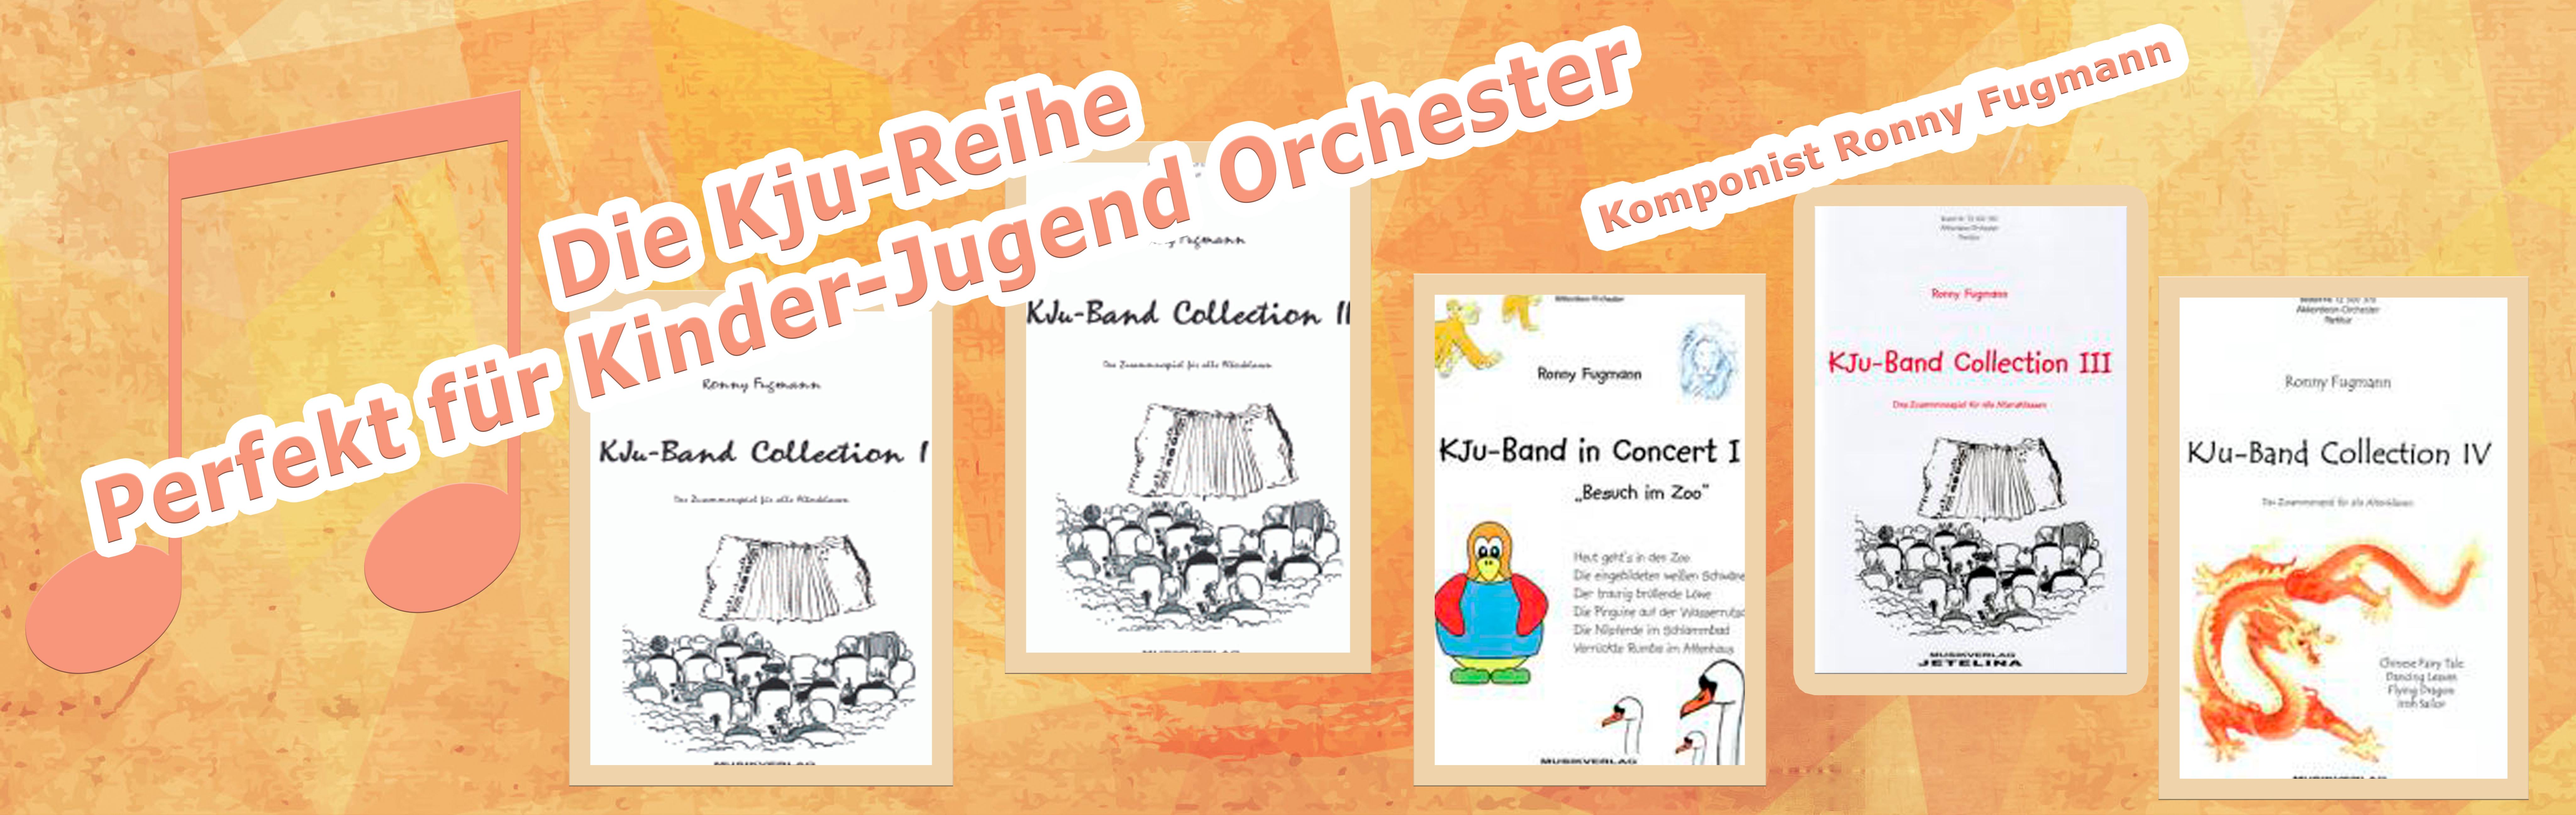 KJu-Band